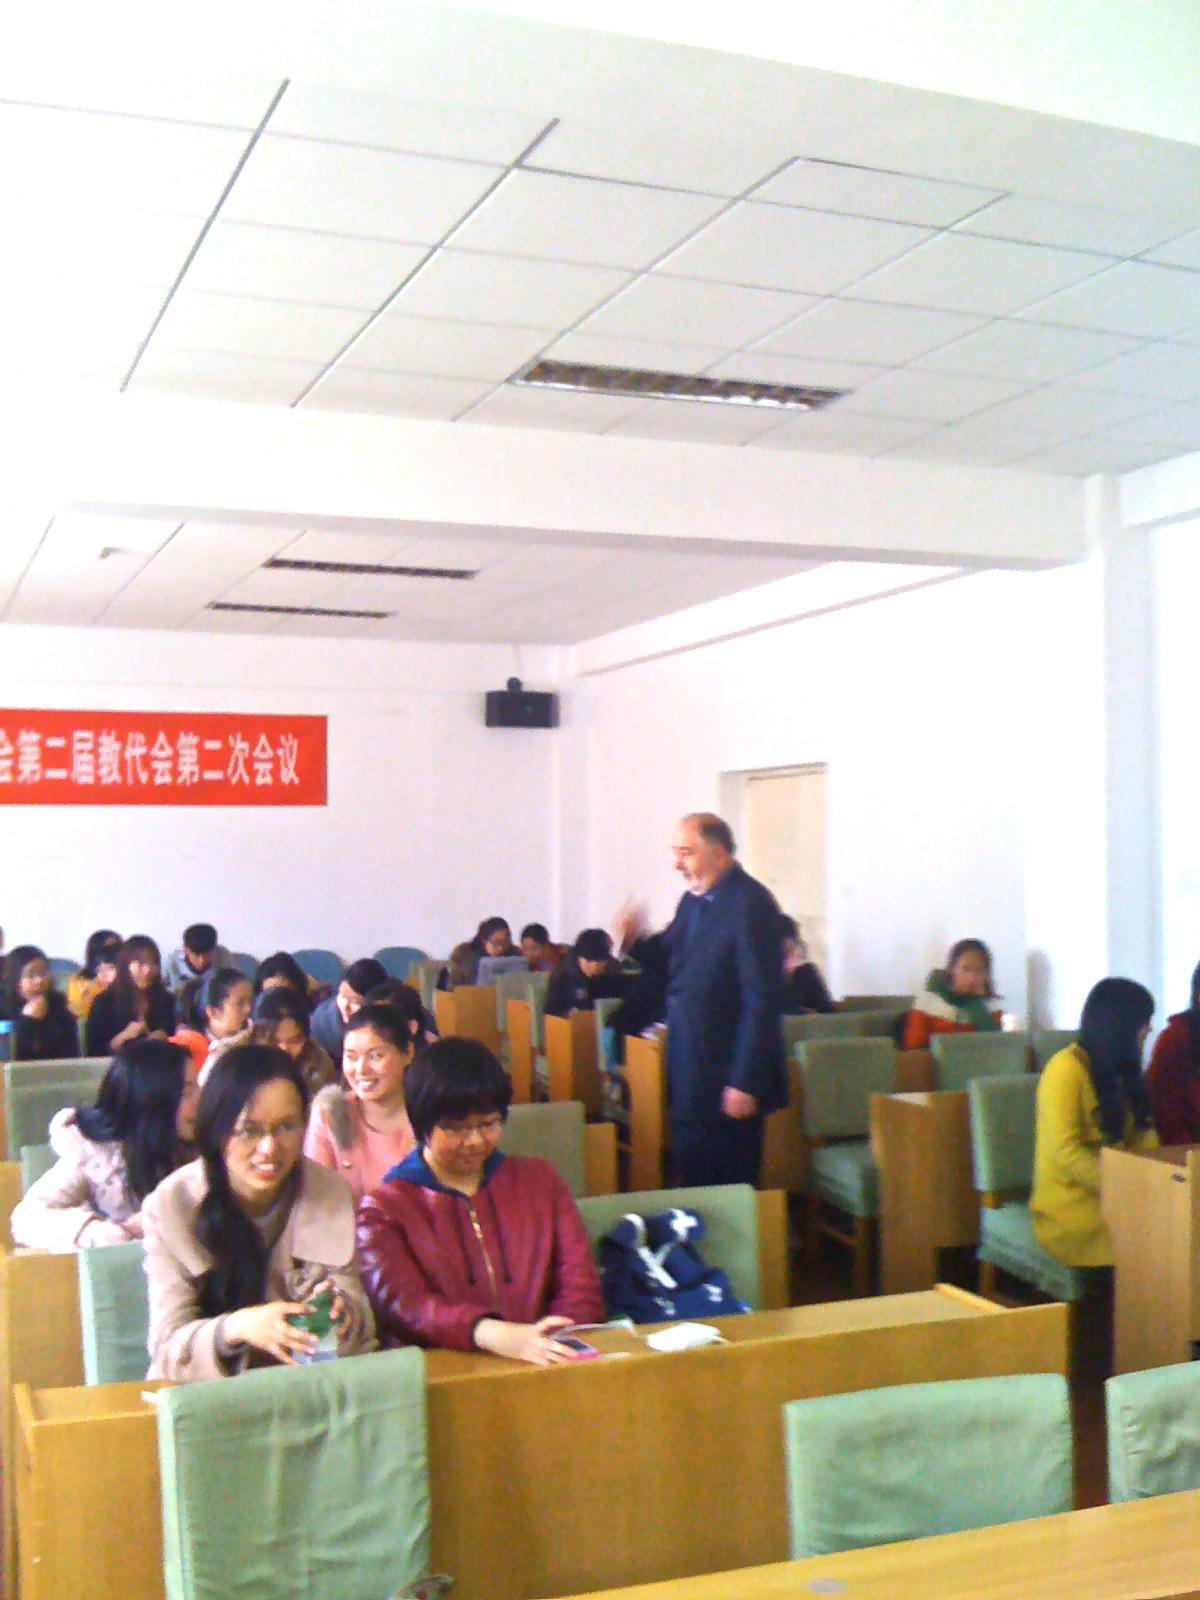 Профессор Козлов В.В. начал цикл лекций с магистрами Пекинского технологического университета